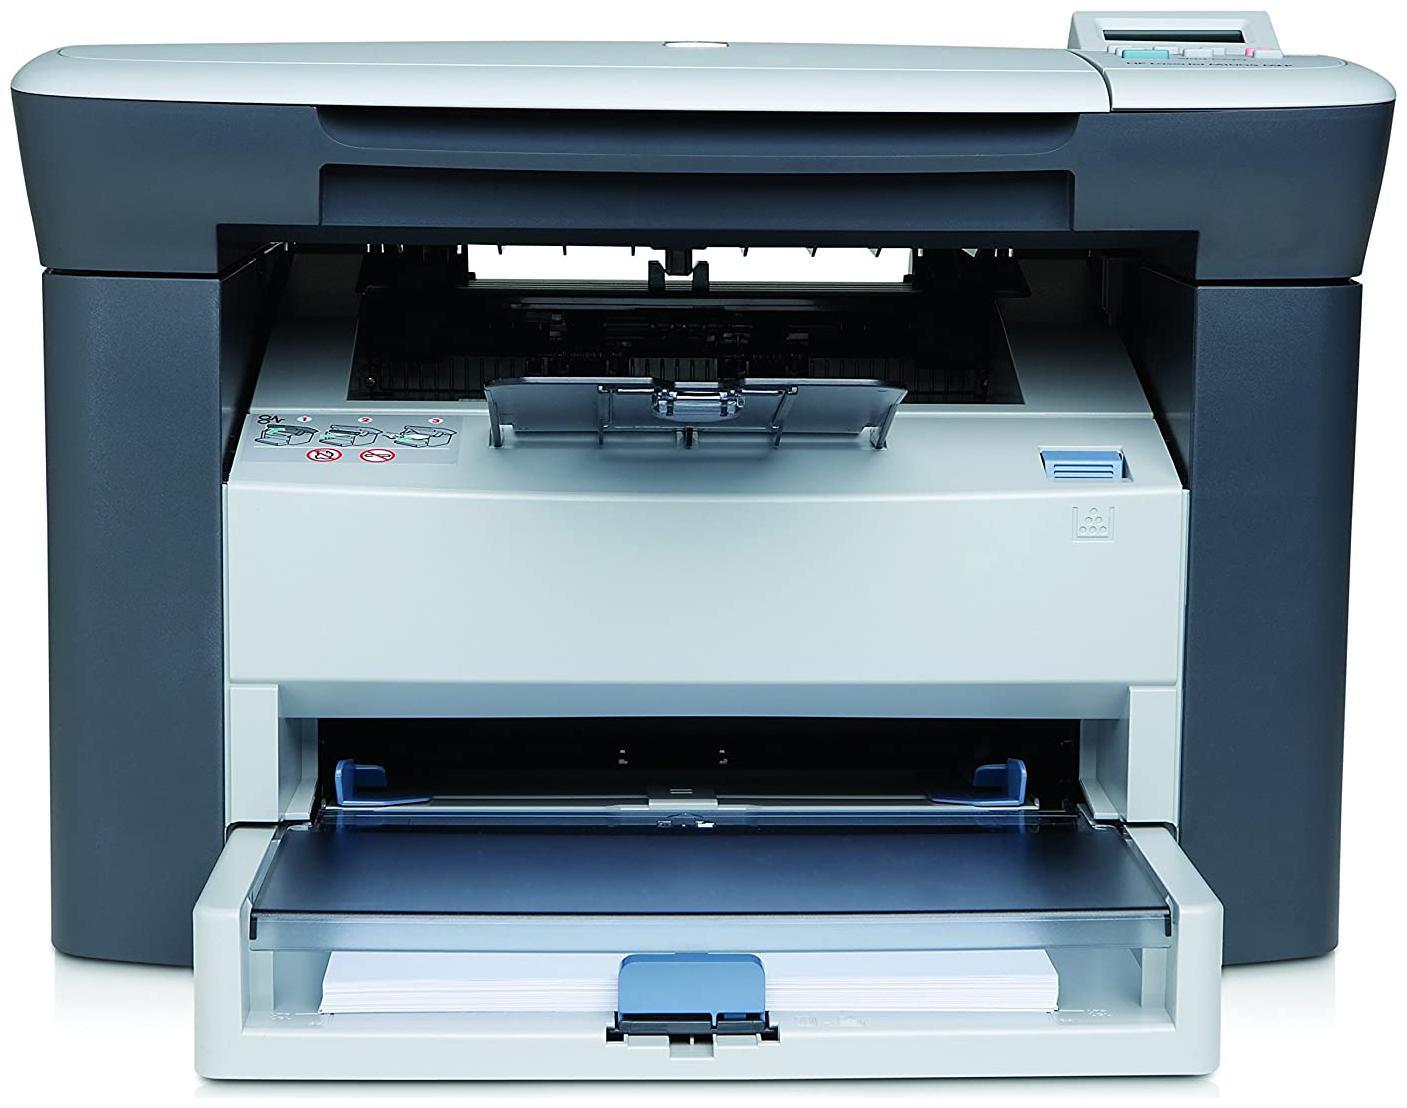 HP M1005 Multi Function Laser Printer